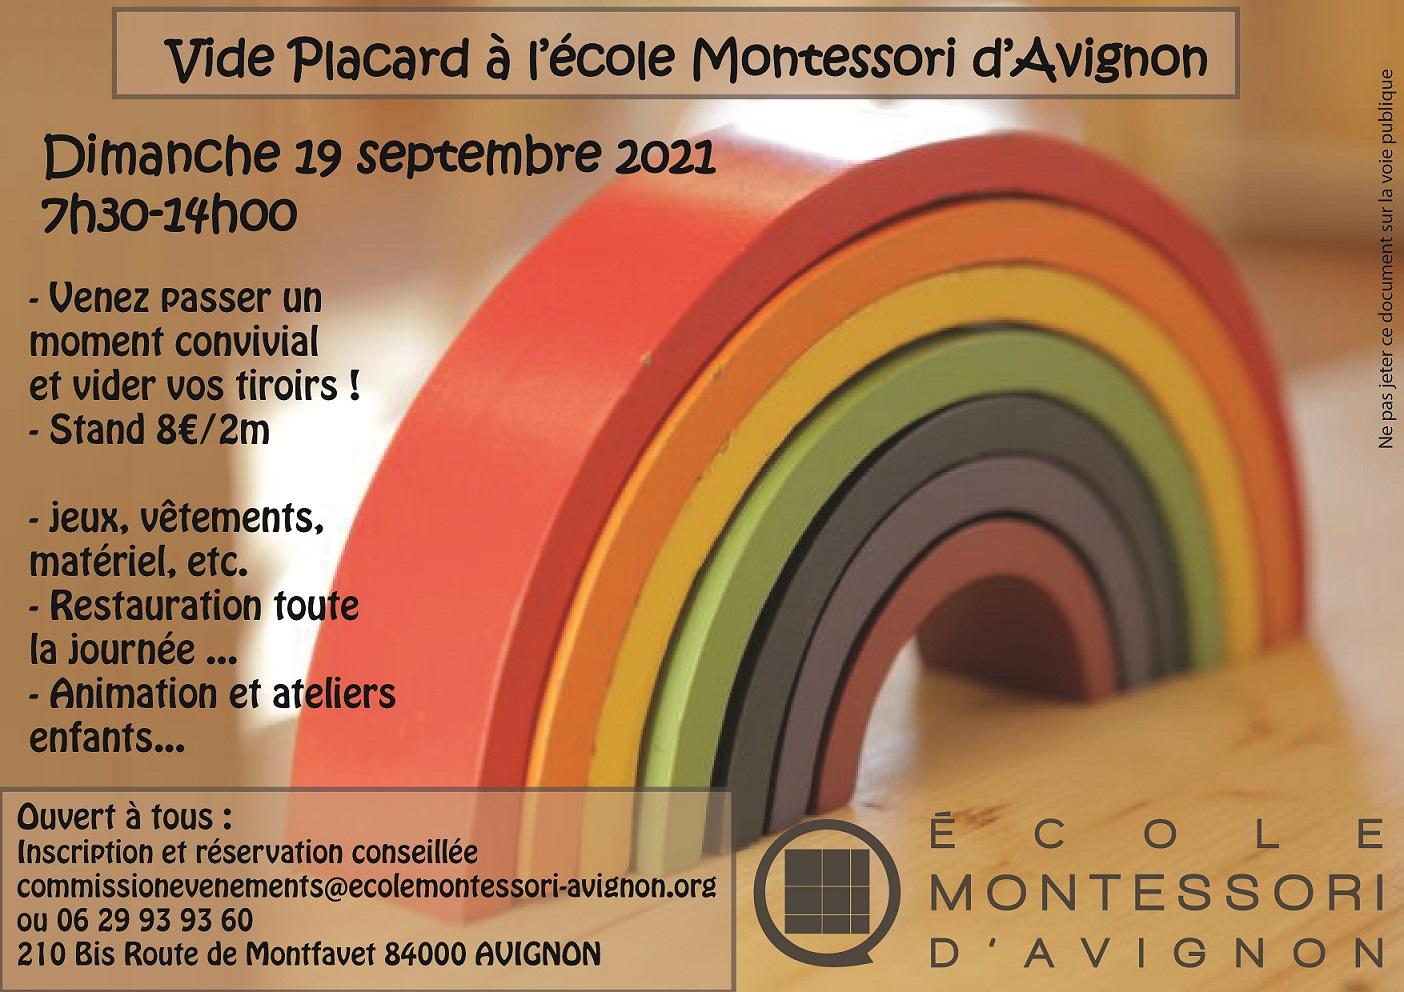 Vide Placard à l'école Montessori